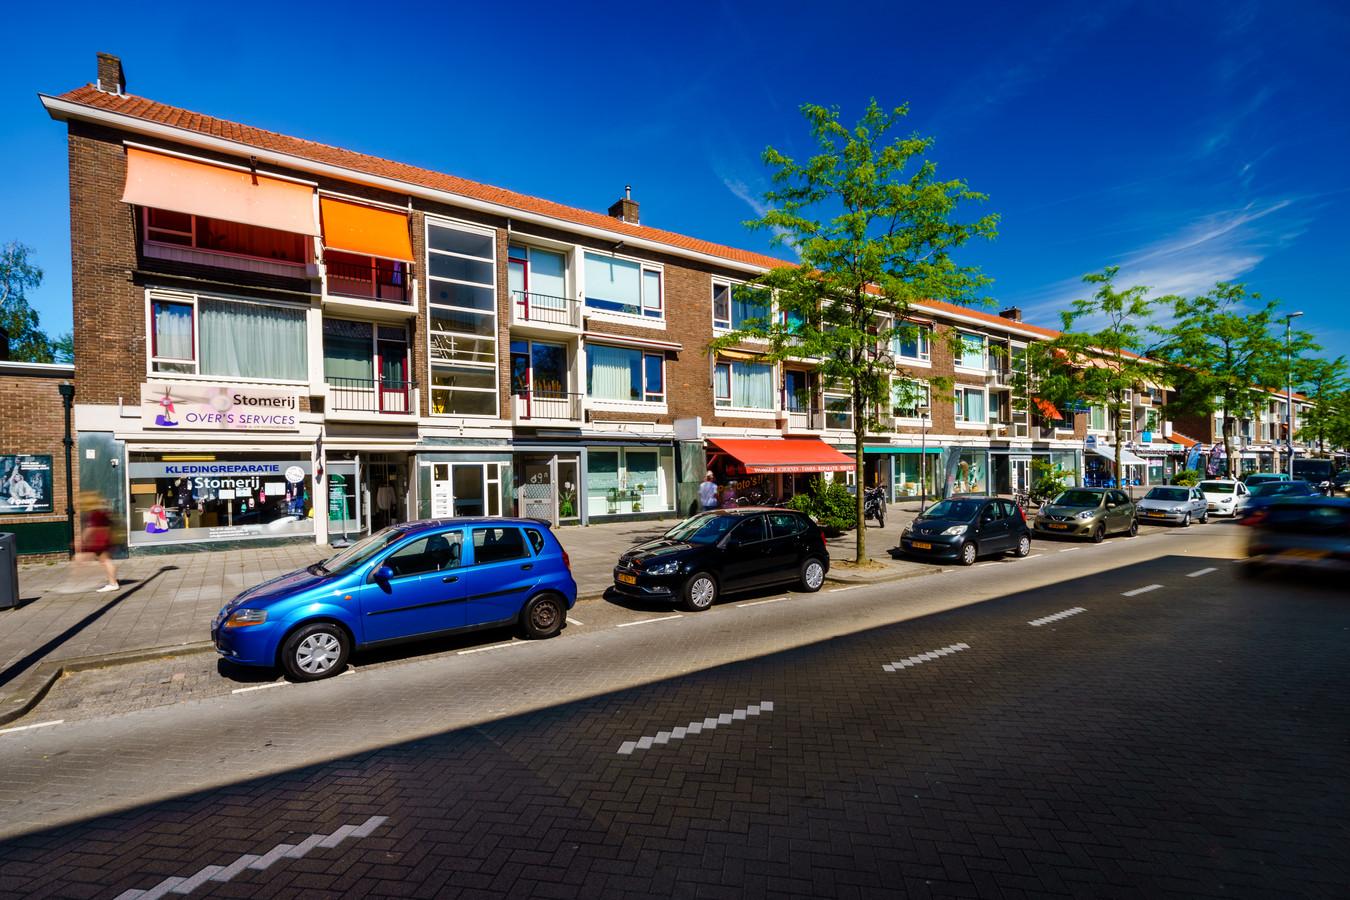 Deze winkel- en woonstraat in Rotterdam-Overschie werd vorig jaar voor bijna tien miljoen euro gekocht door een Amsterdamse belegger. De winkeliers moeten vertrekken.